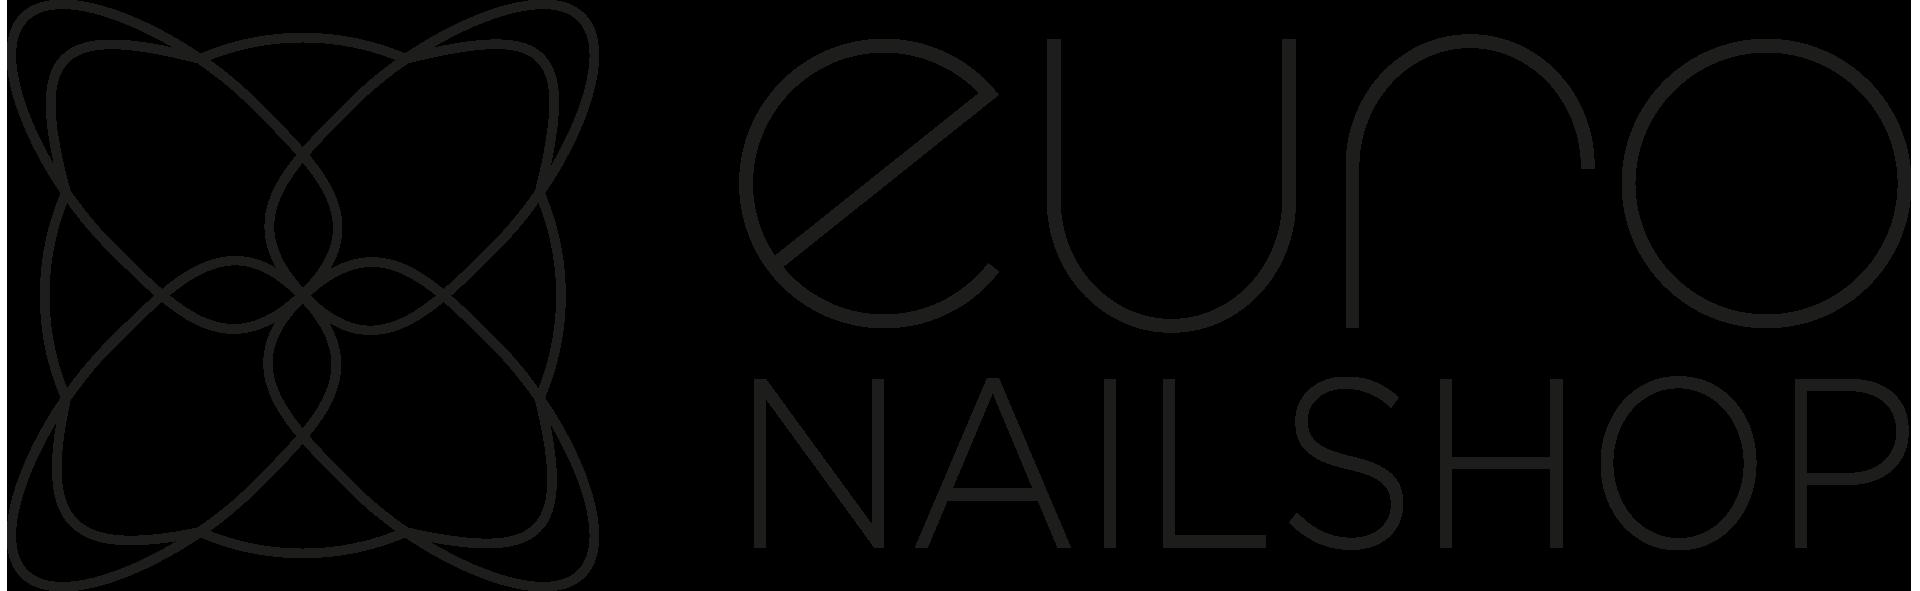 euronailshop.com